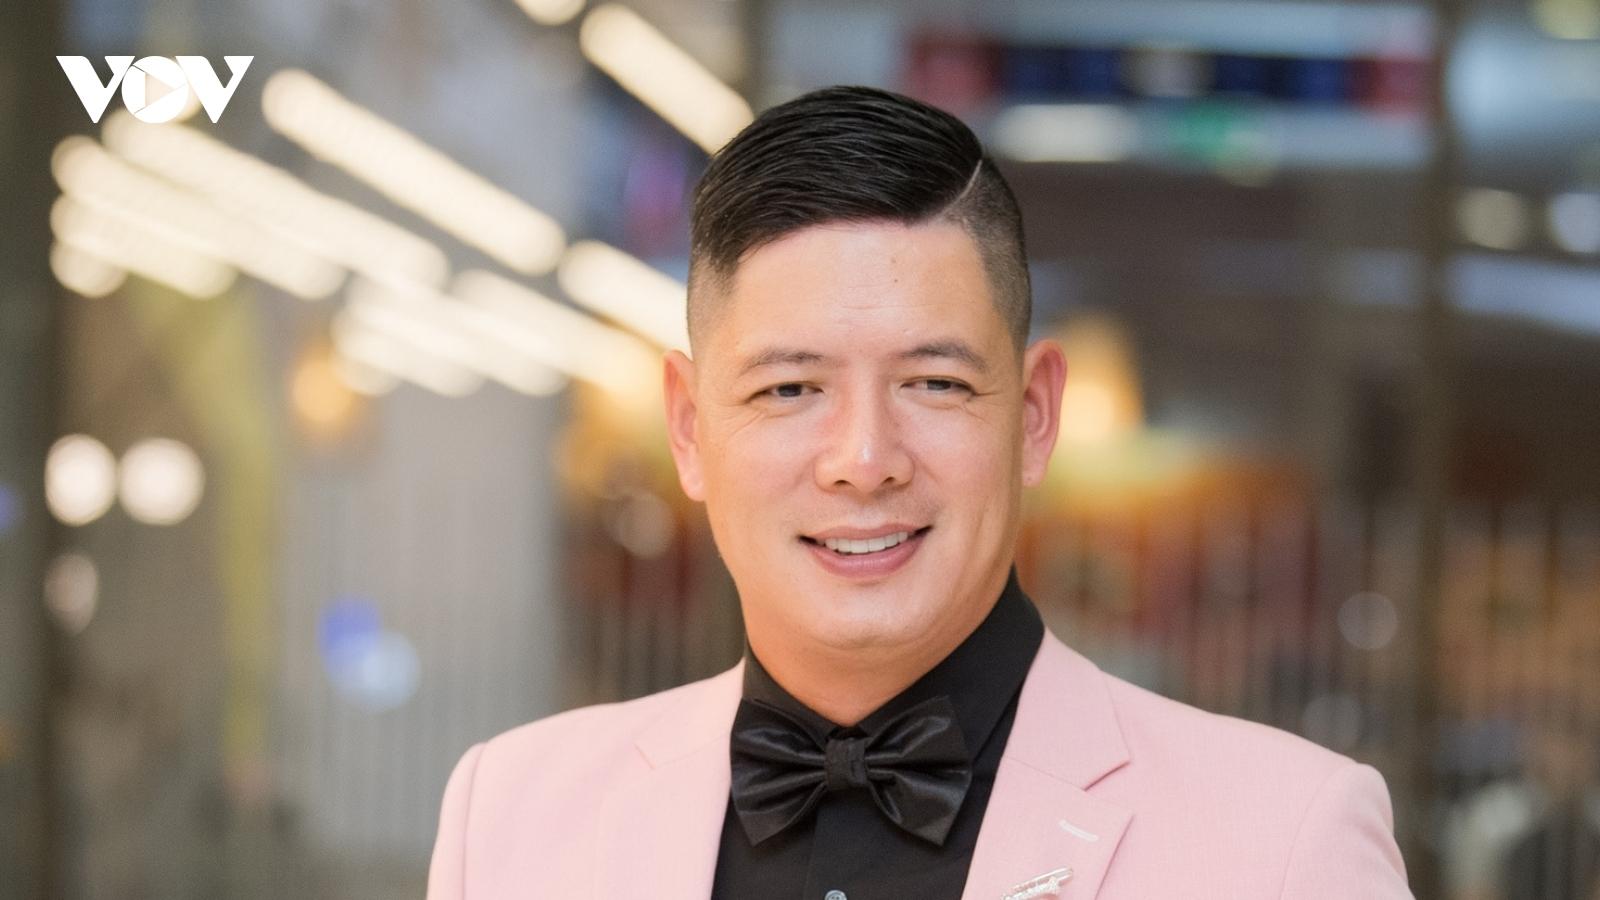 """Bình Minh diện suit hồng lịch lãm ra mắt phim """"Sám hối"""" tại Hà Nội"""